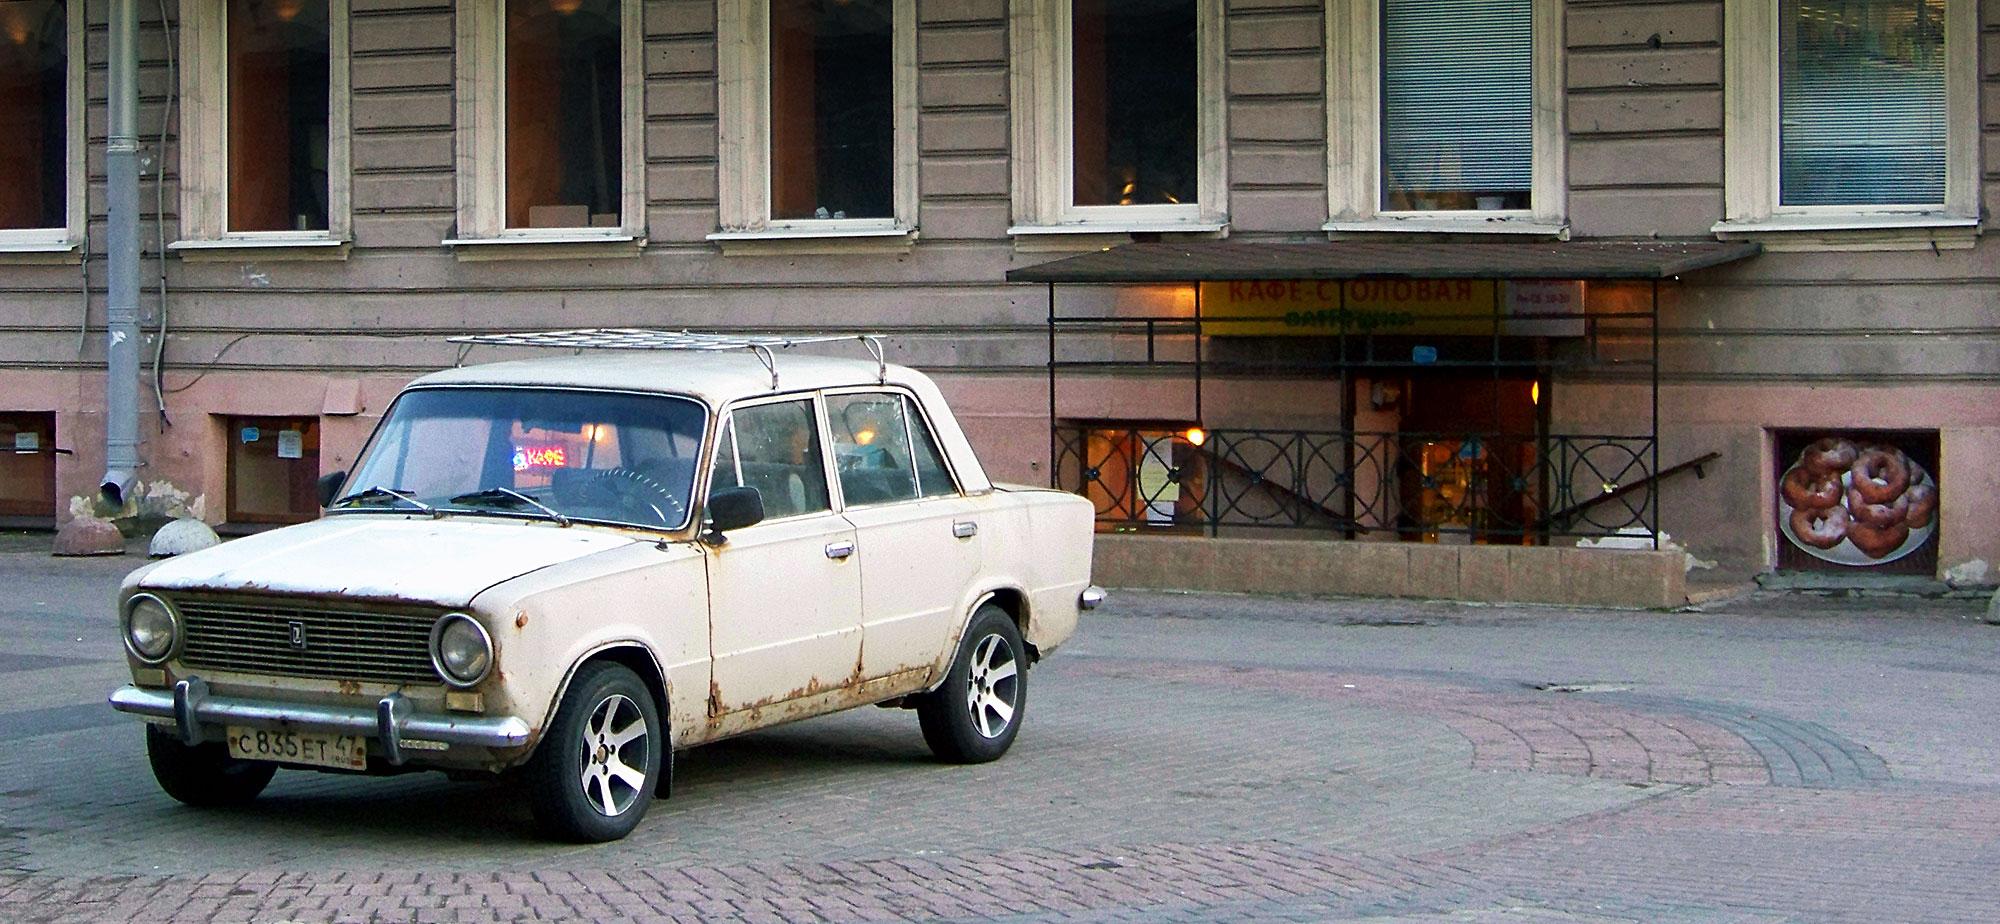 Calle de San Petersburgo